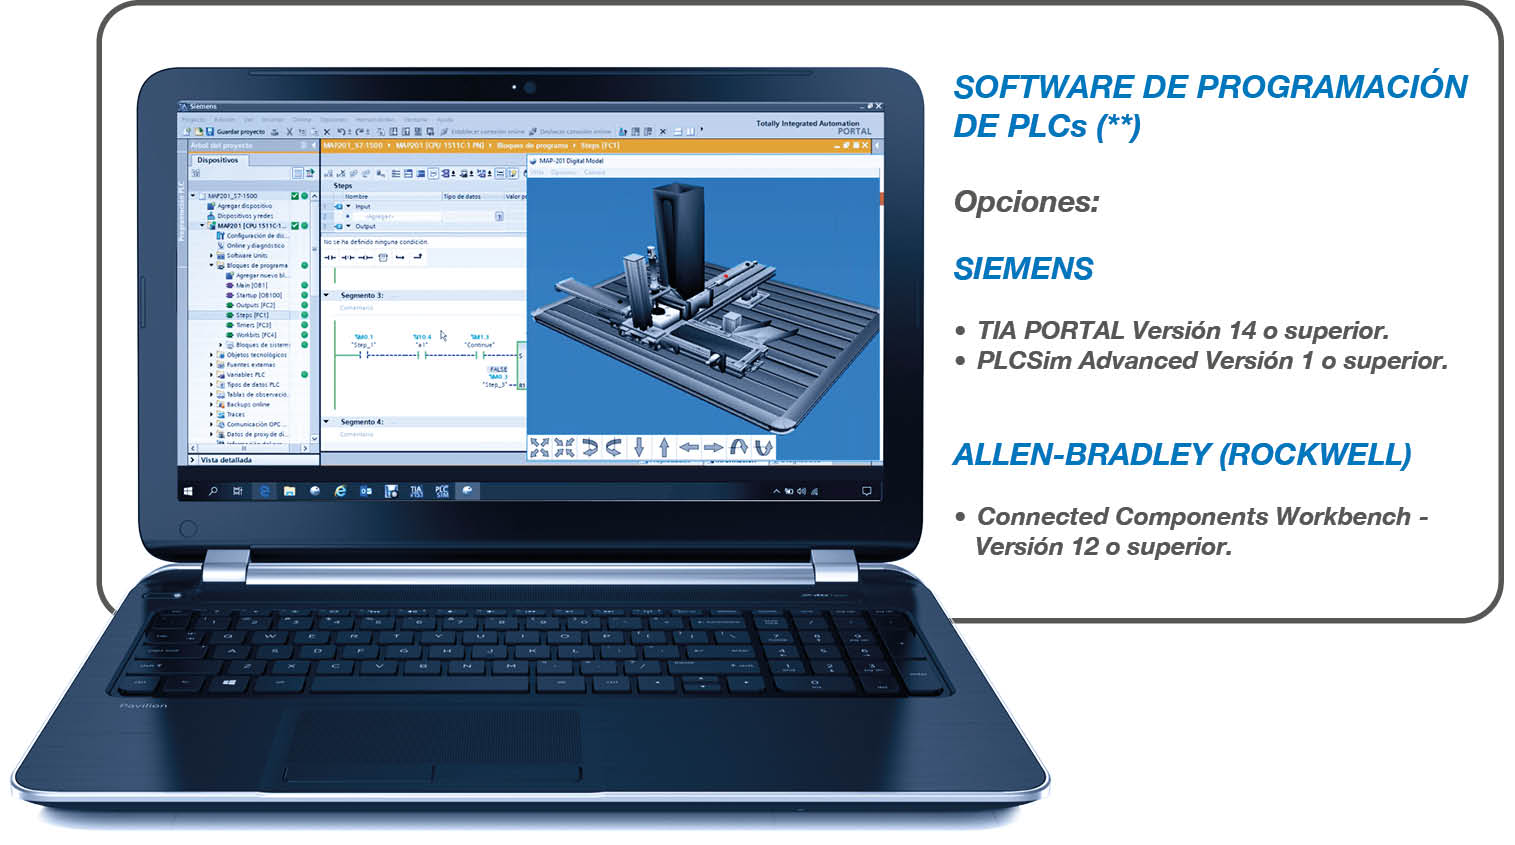 Software de programacion de PLC para autoSIM